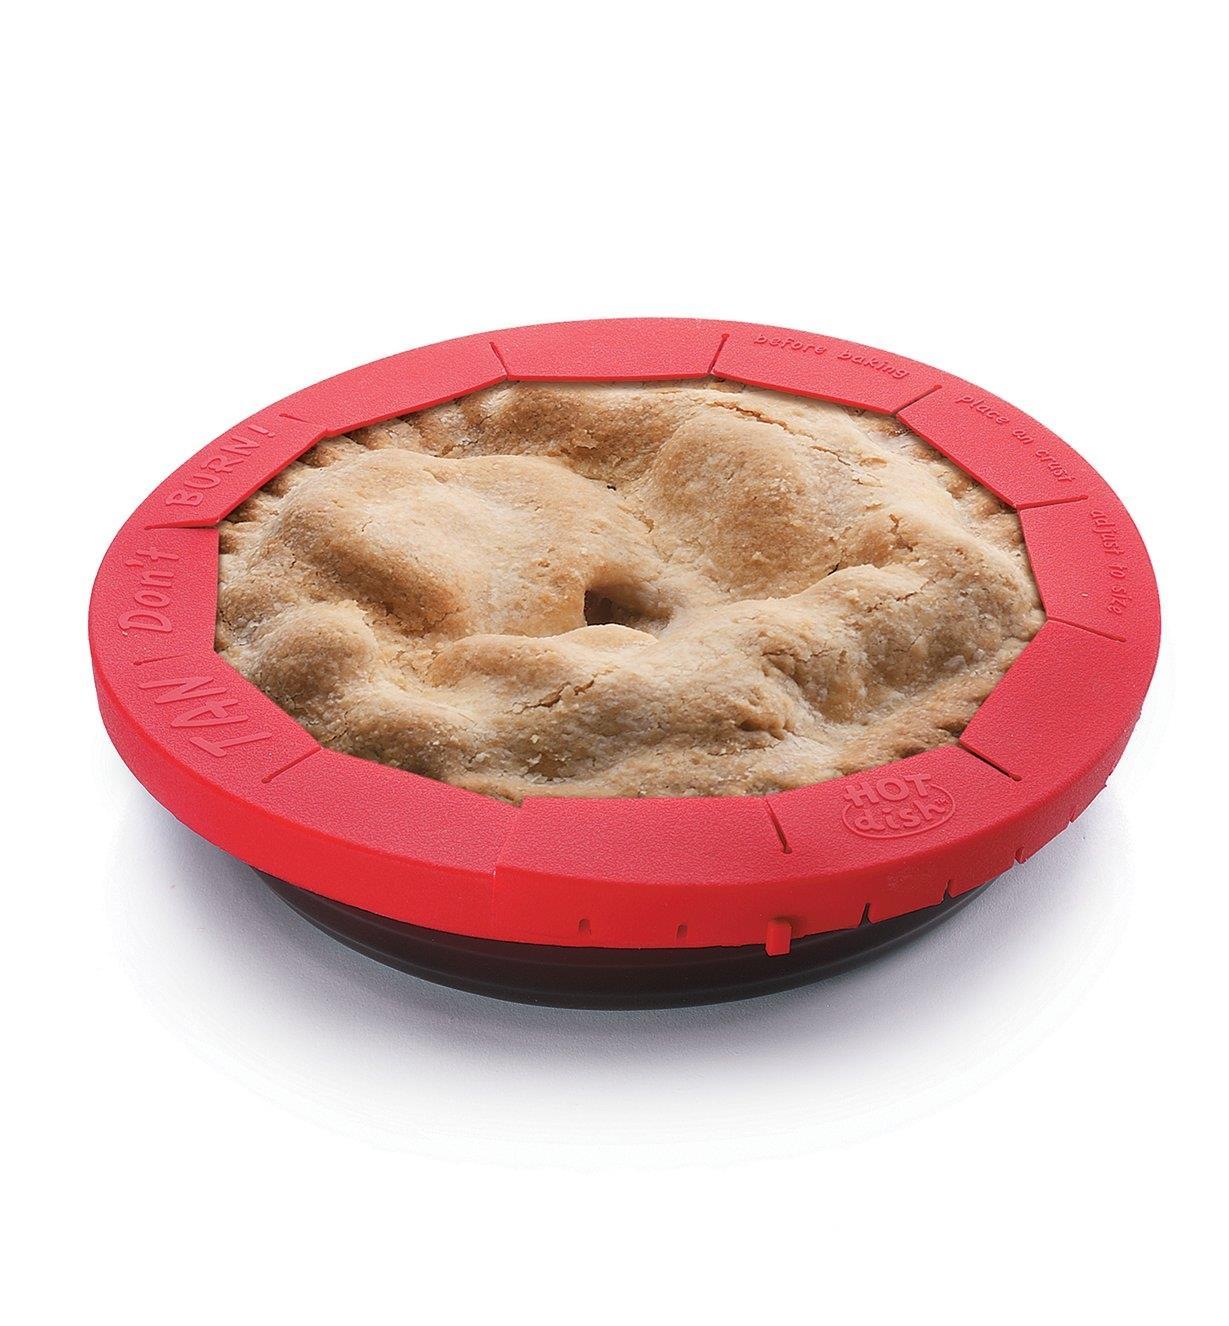 EV199 - Adjustable Pie Shield, each